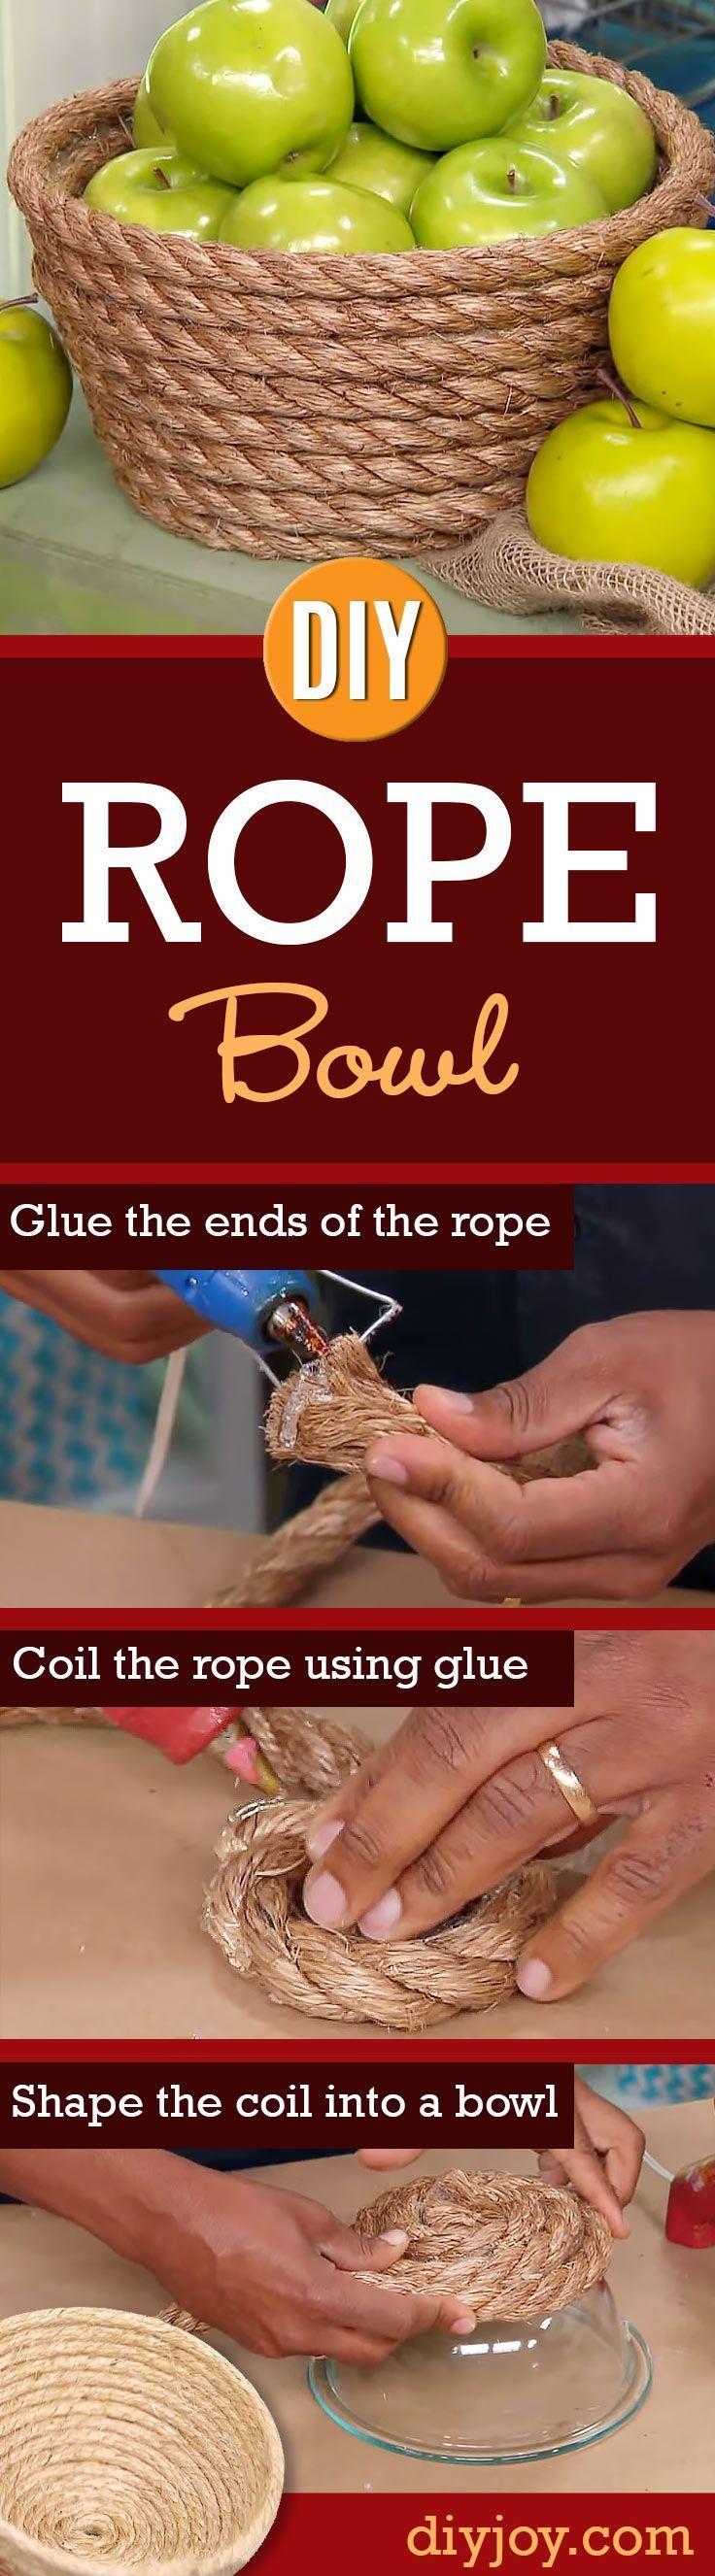 How To Make Crafty Diy Bowls Homemade Glue Guns And Home Decor